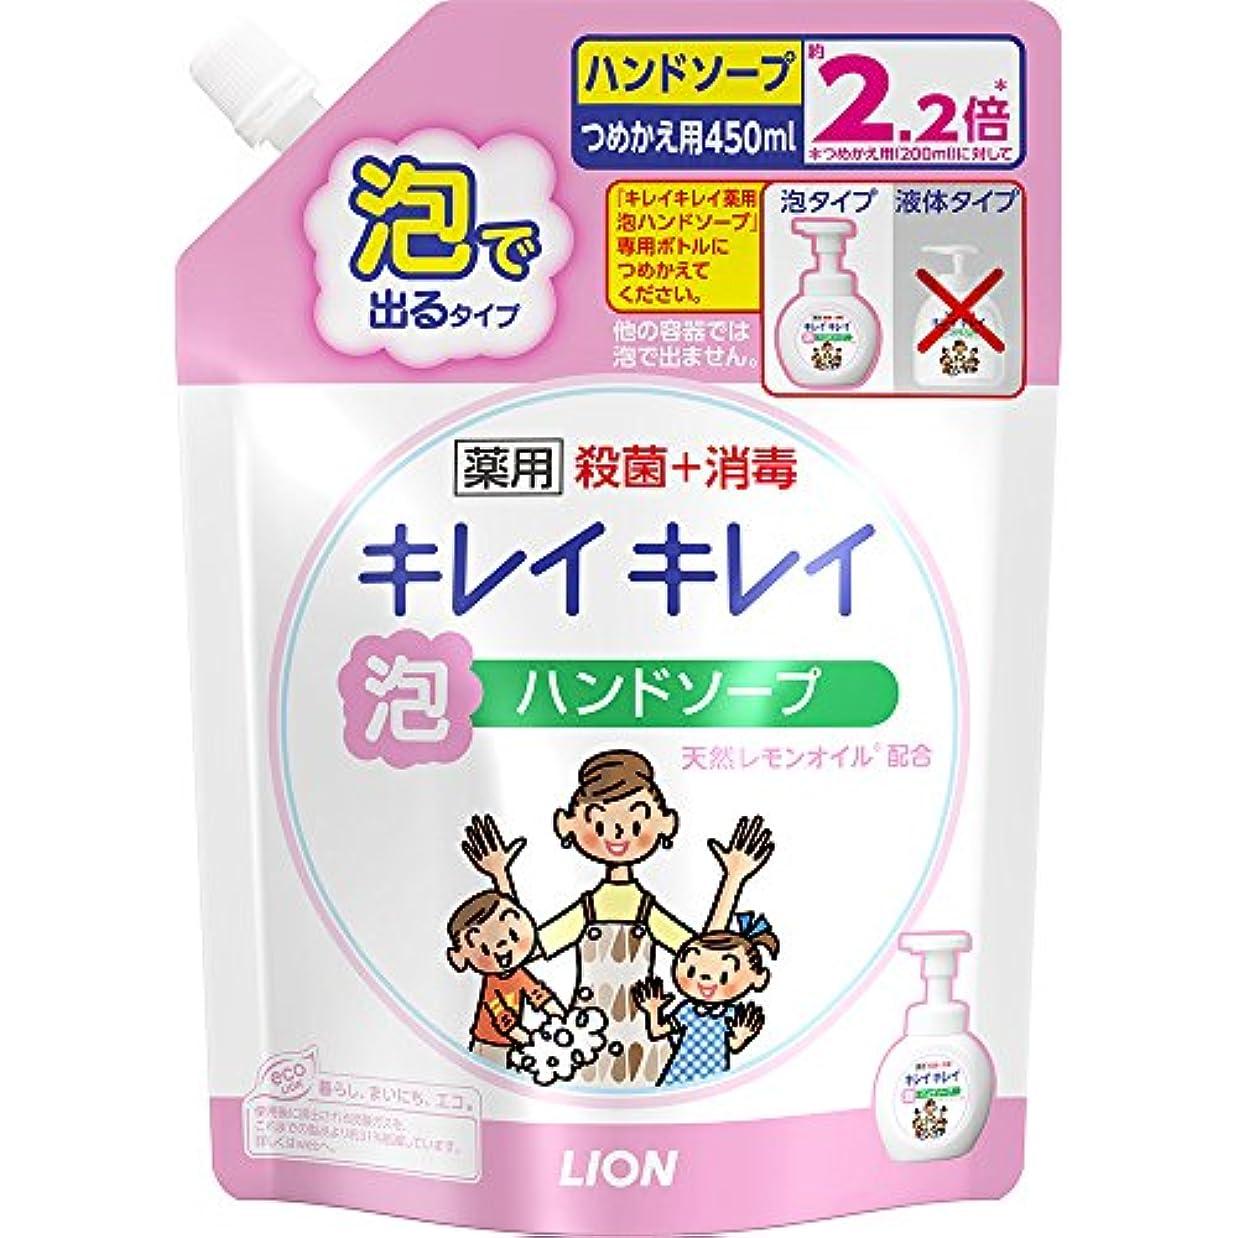 ハブブフェッチ信号キレイキレイ 薬用 泡ハンドソープ シトラスフルーティの香り 詰め替え 450ml(医薬部外品)